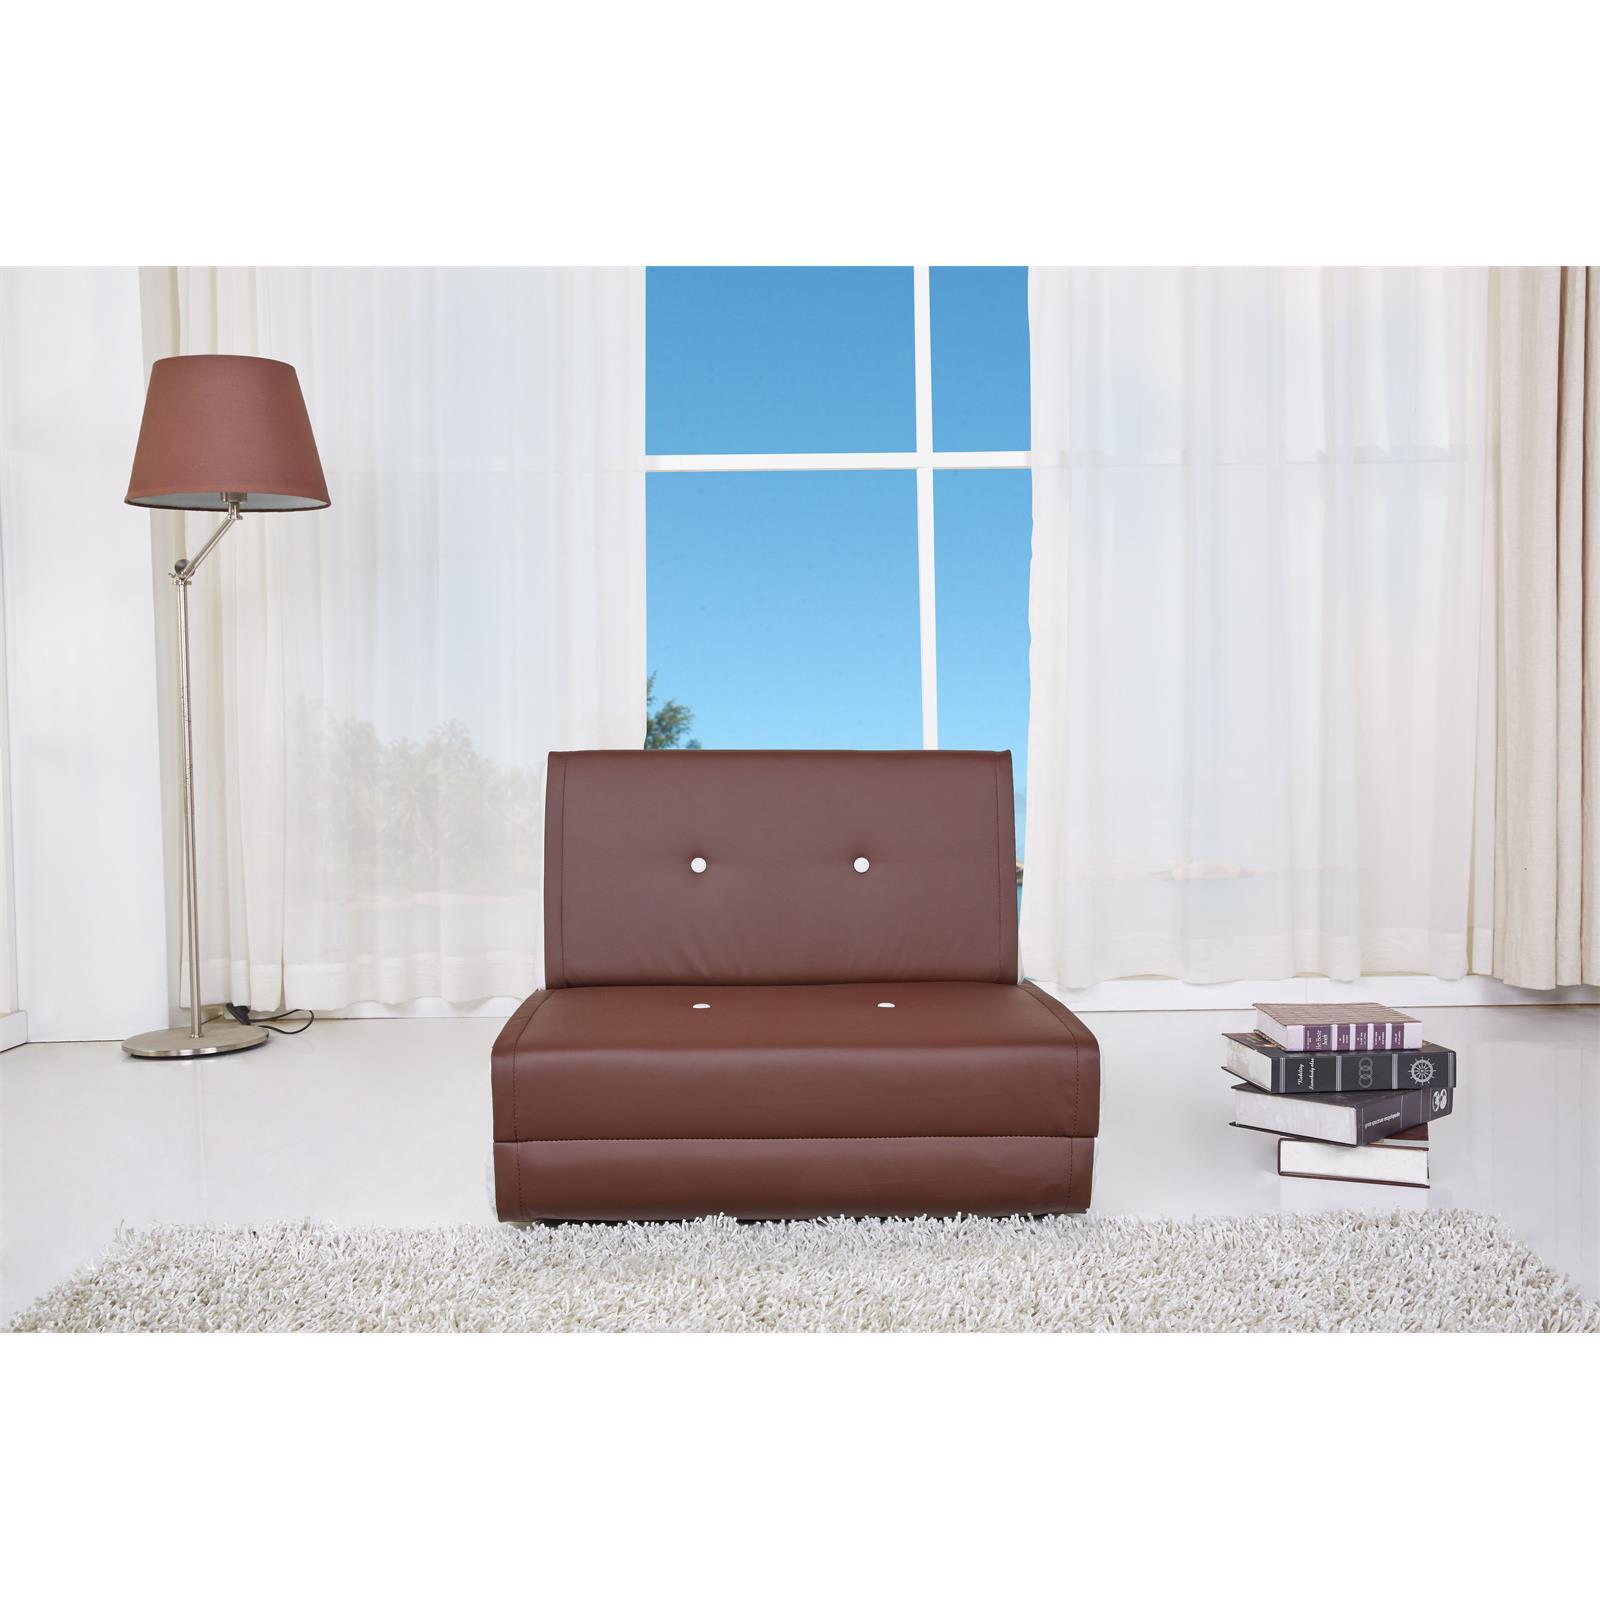 schlafsessel sofaliege design jugend bett braun weiss. Black Bedroom Furniture Sets. Home Design Ideas